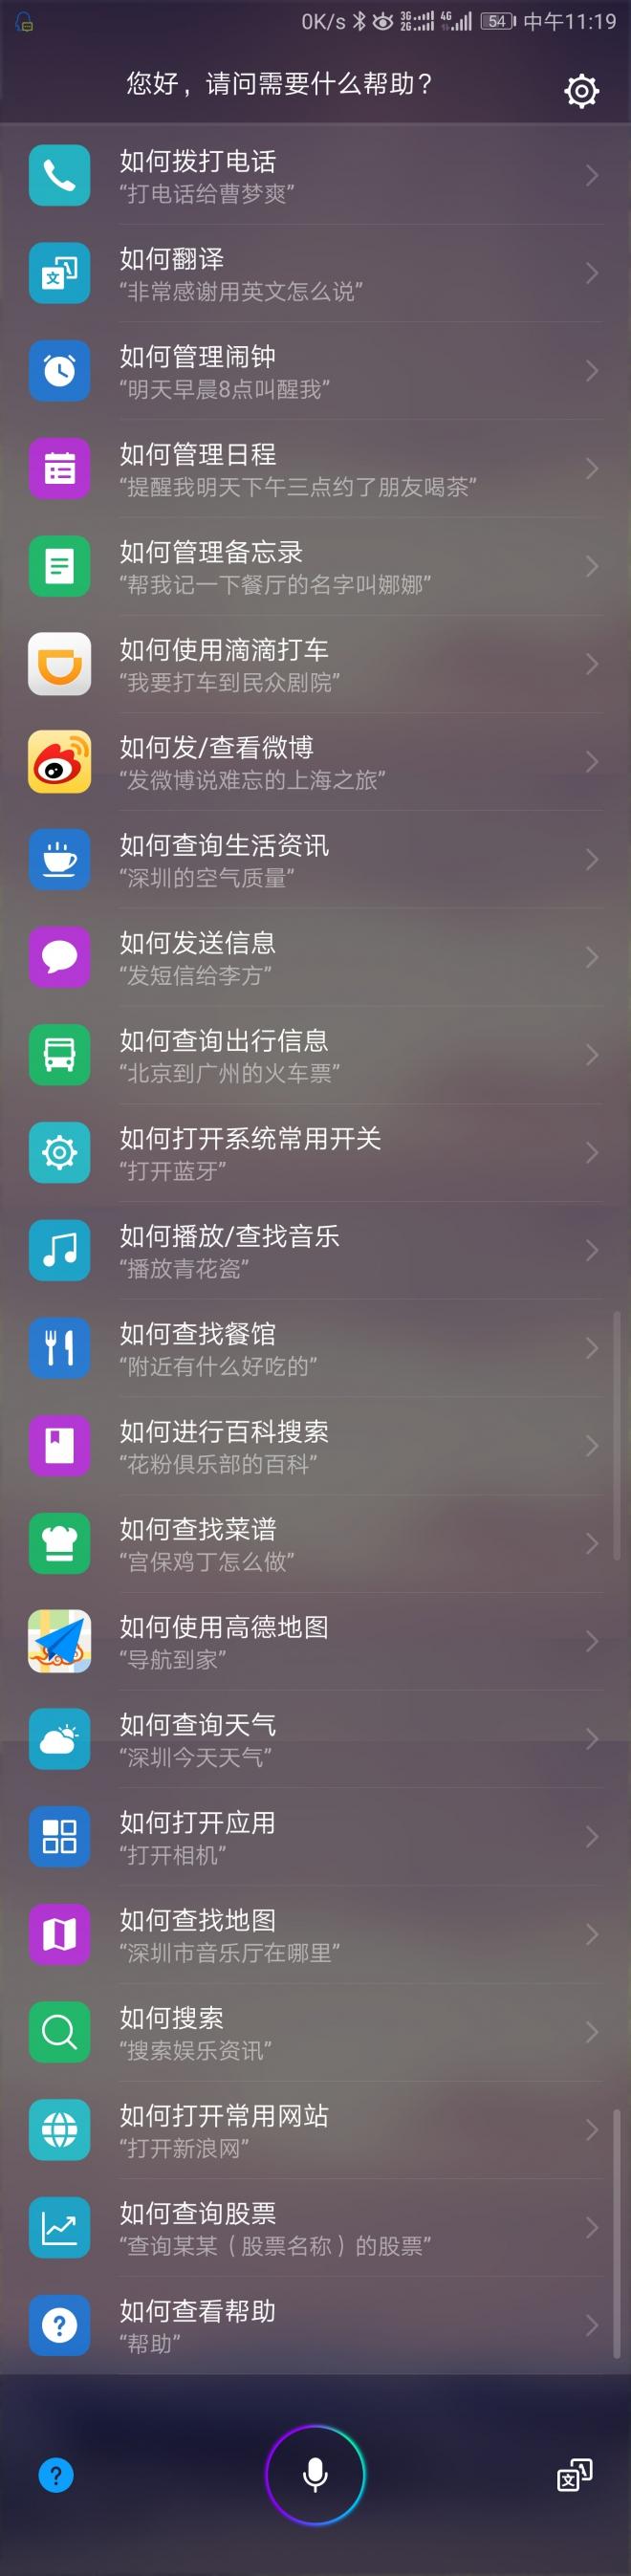 Screenshot_2017-07-04-11-18-59.jpg